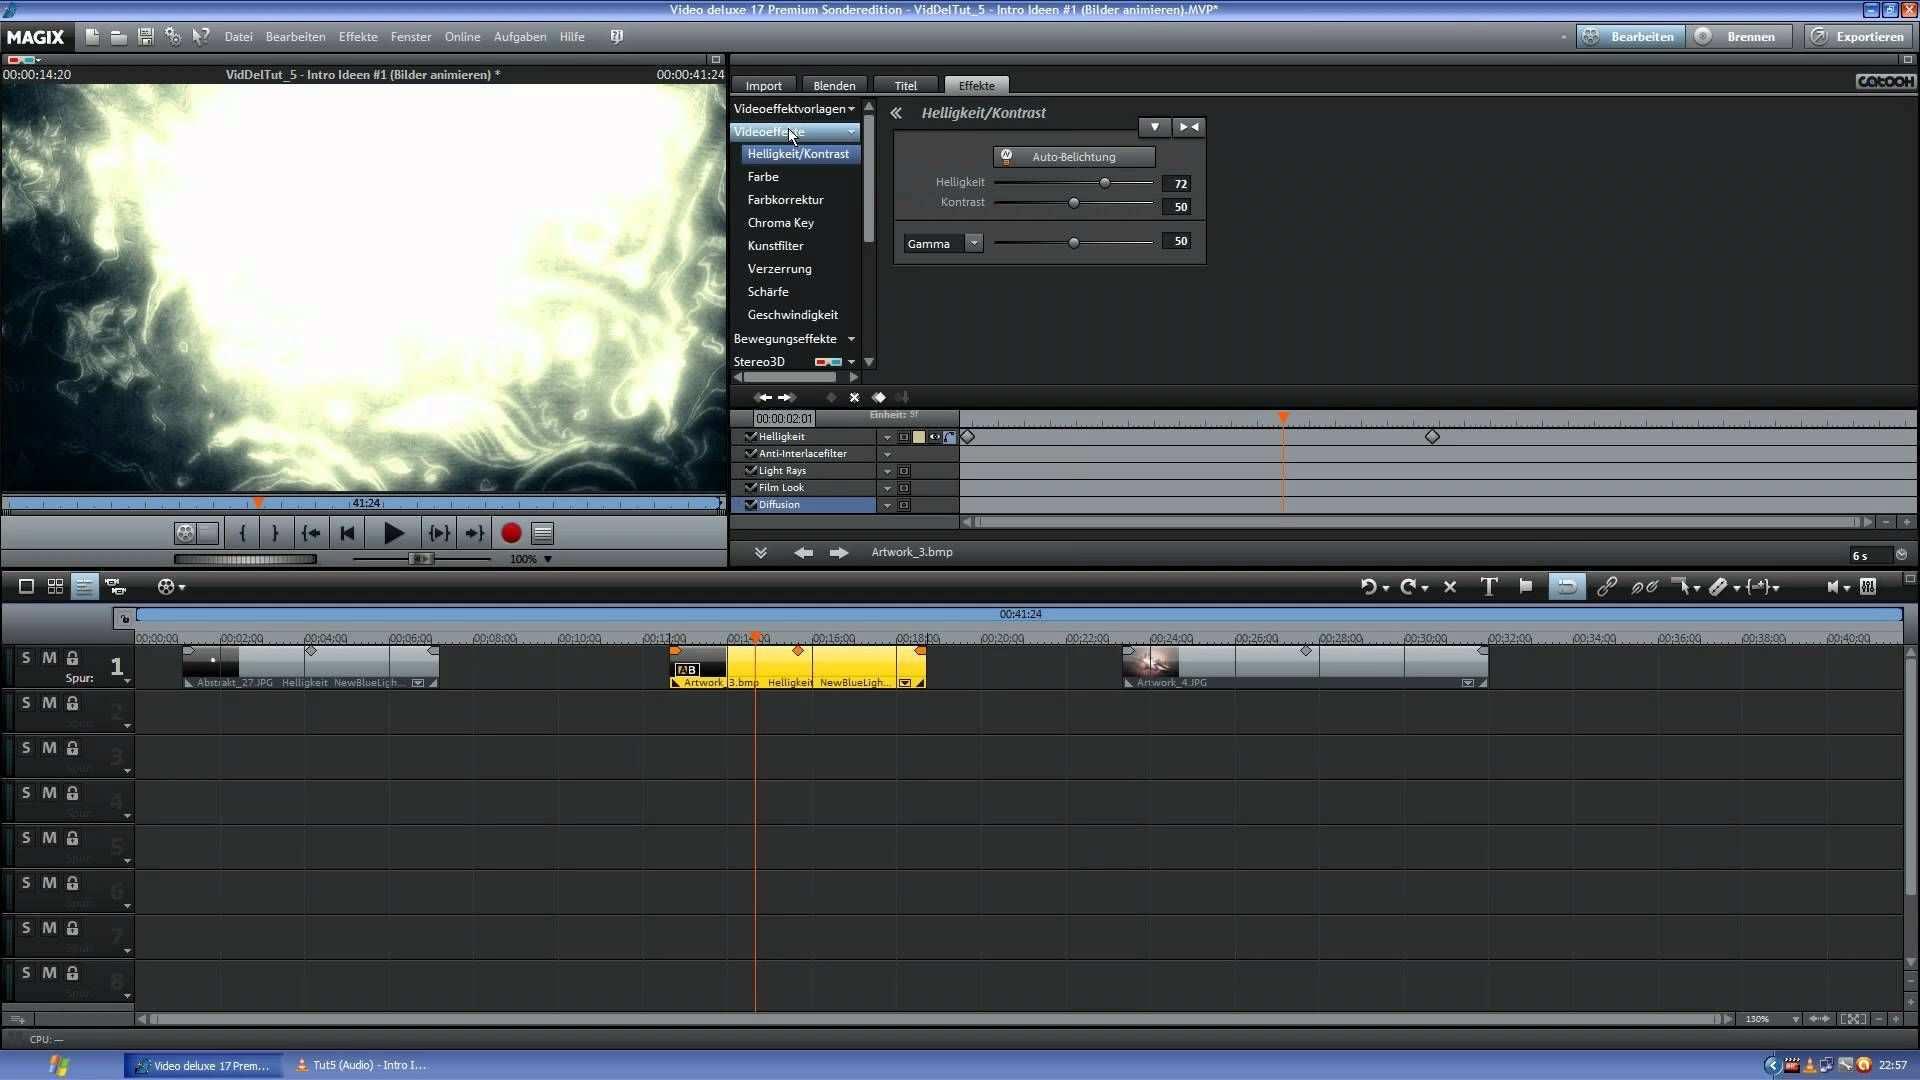 Intro Erstellen 1 Bilder Animieren Magix Video Deluxe 17 Premium Tut Intro Erstellen Gestalten Bilder